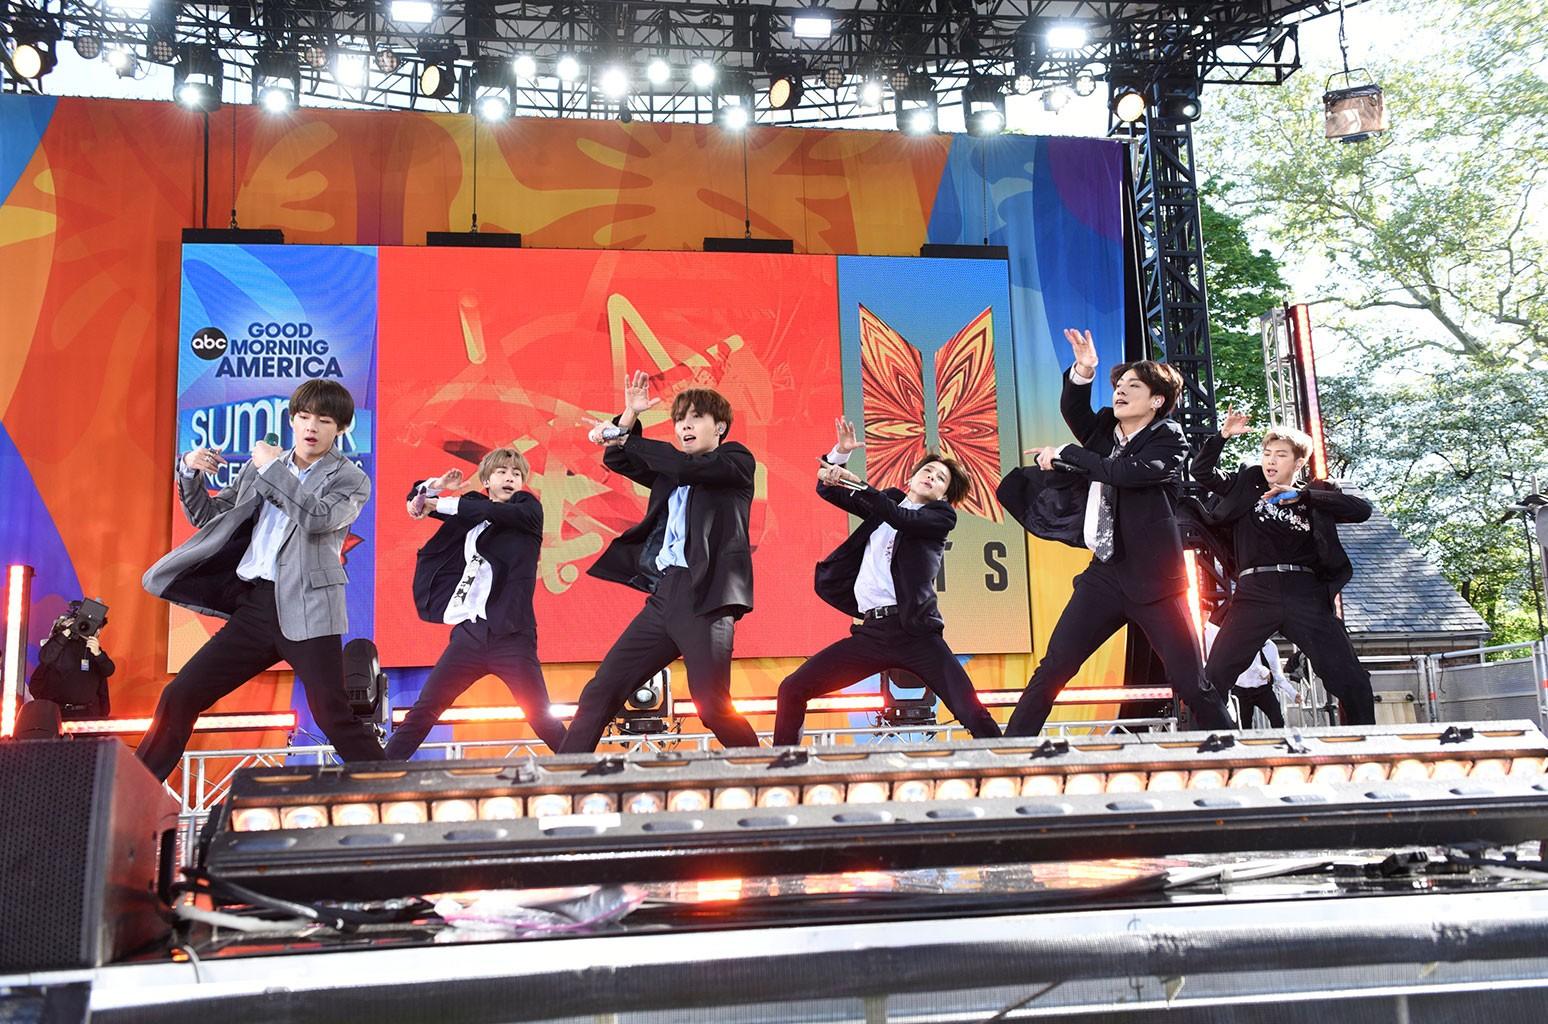 BTS Good Morning America